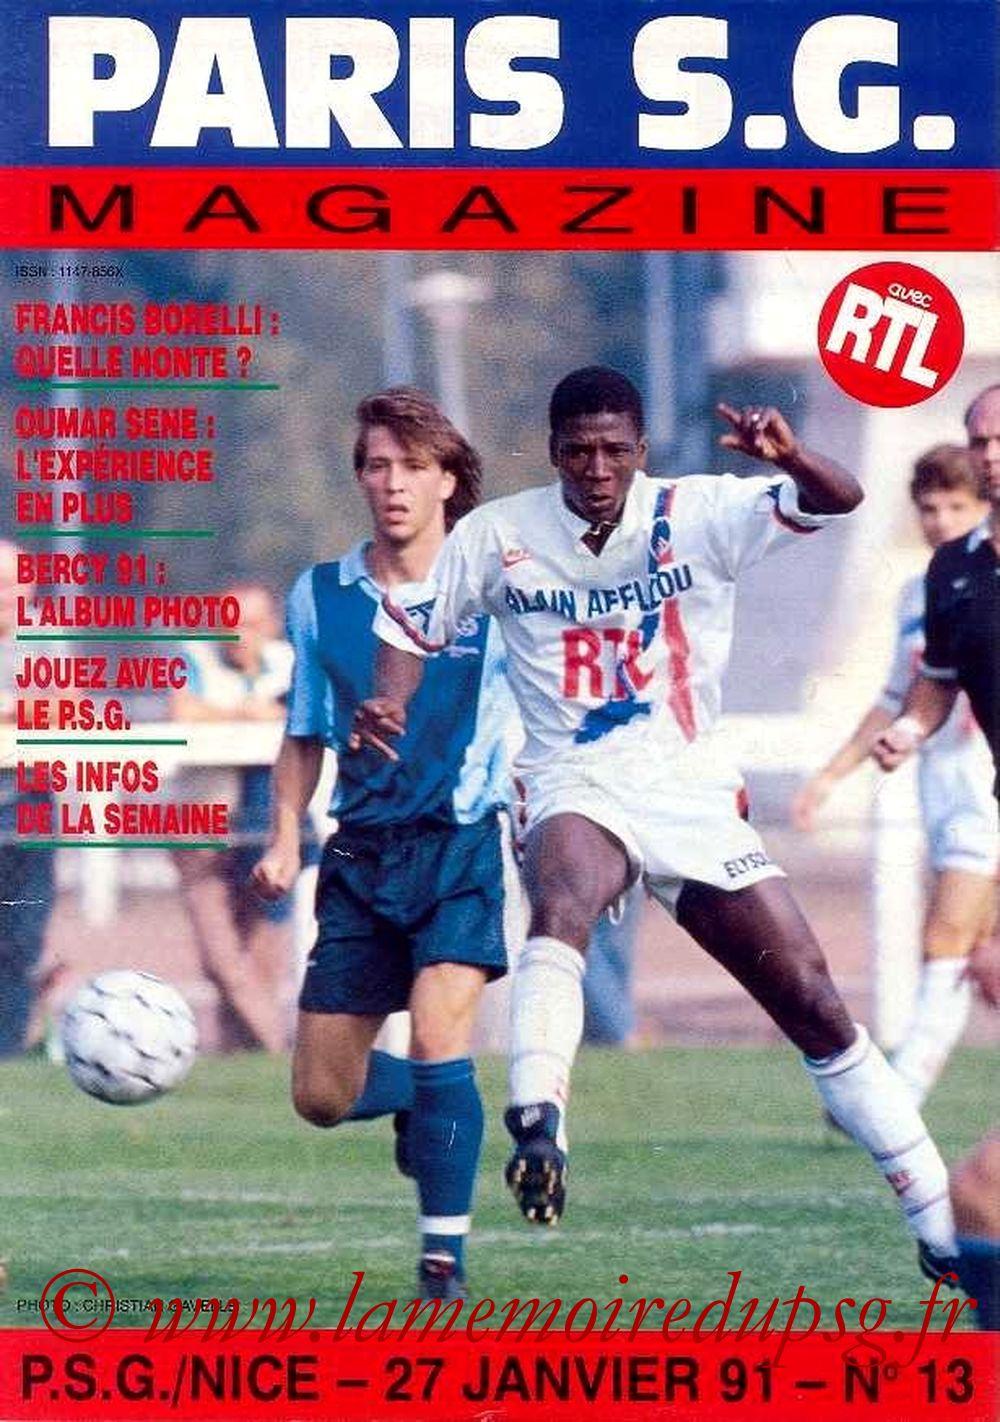 1991-01-27  PSG-Nice (24ème D1, Paris SG Magazine N°13)